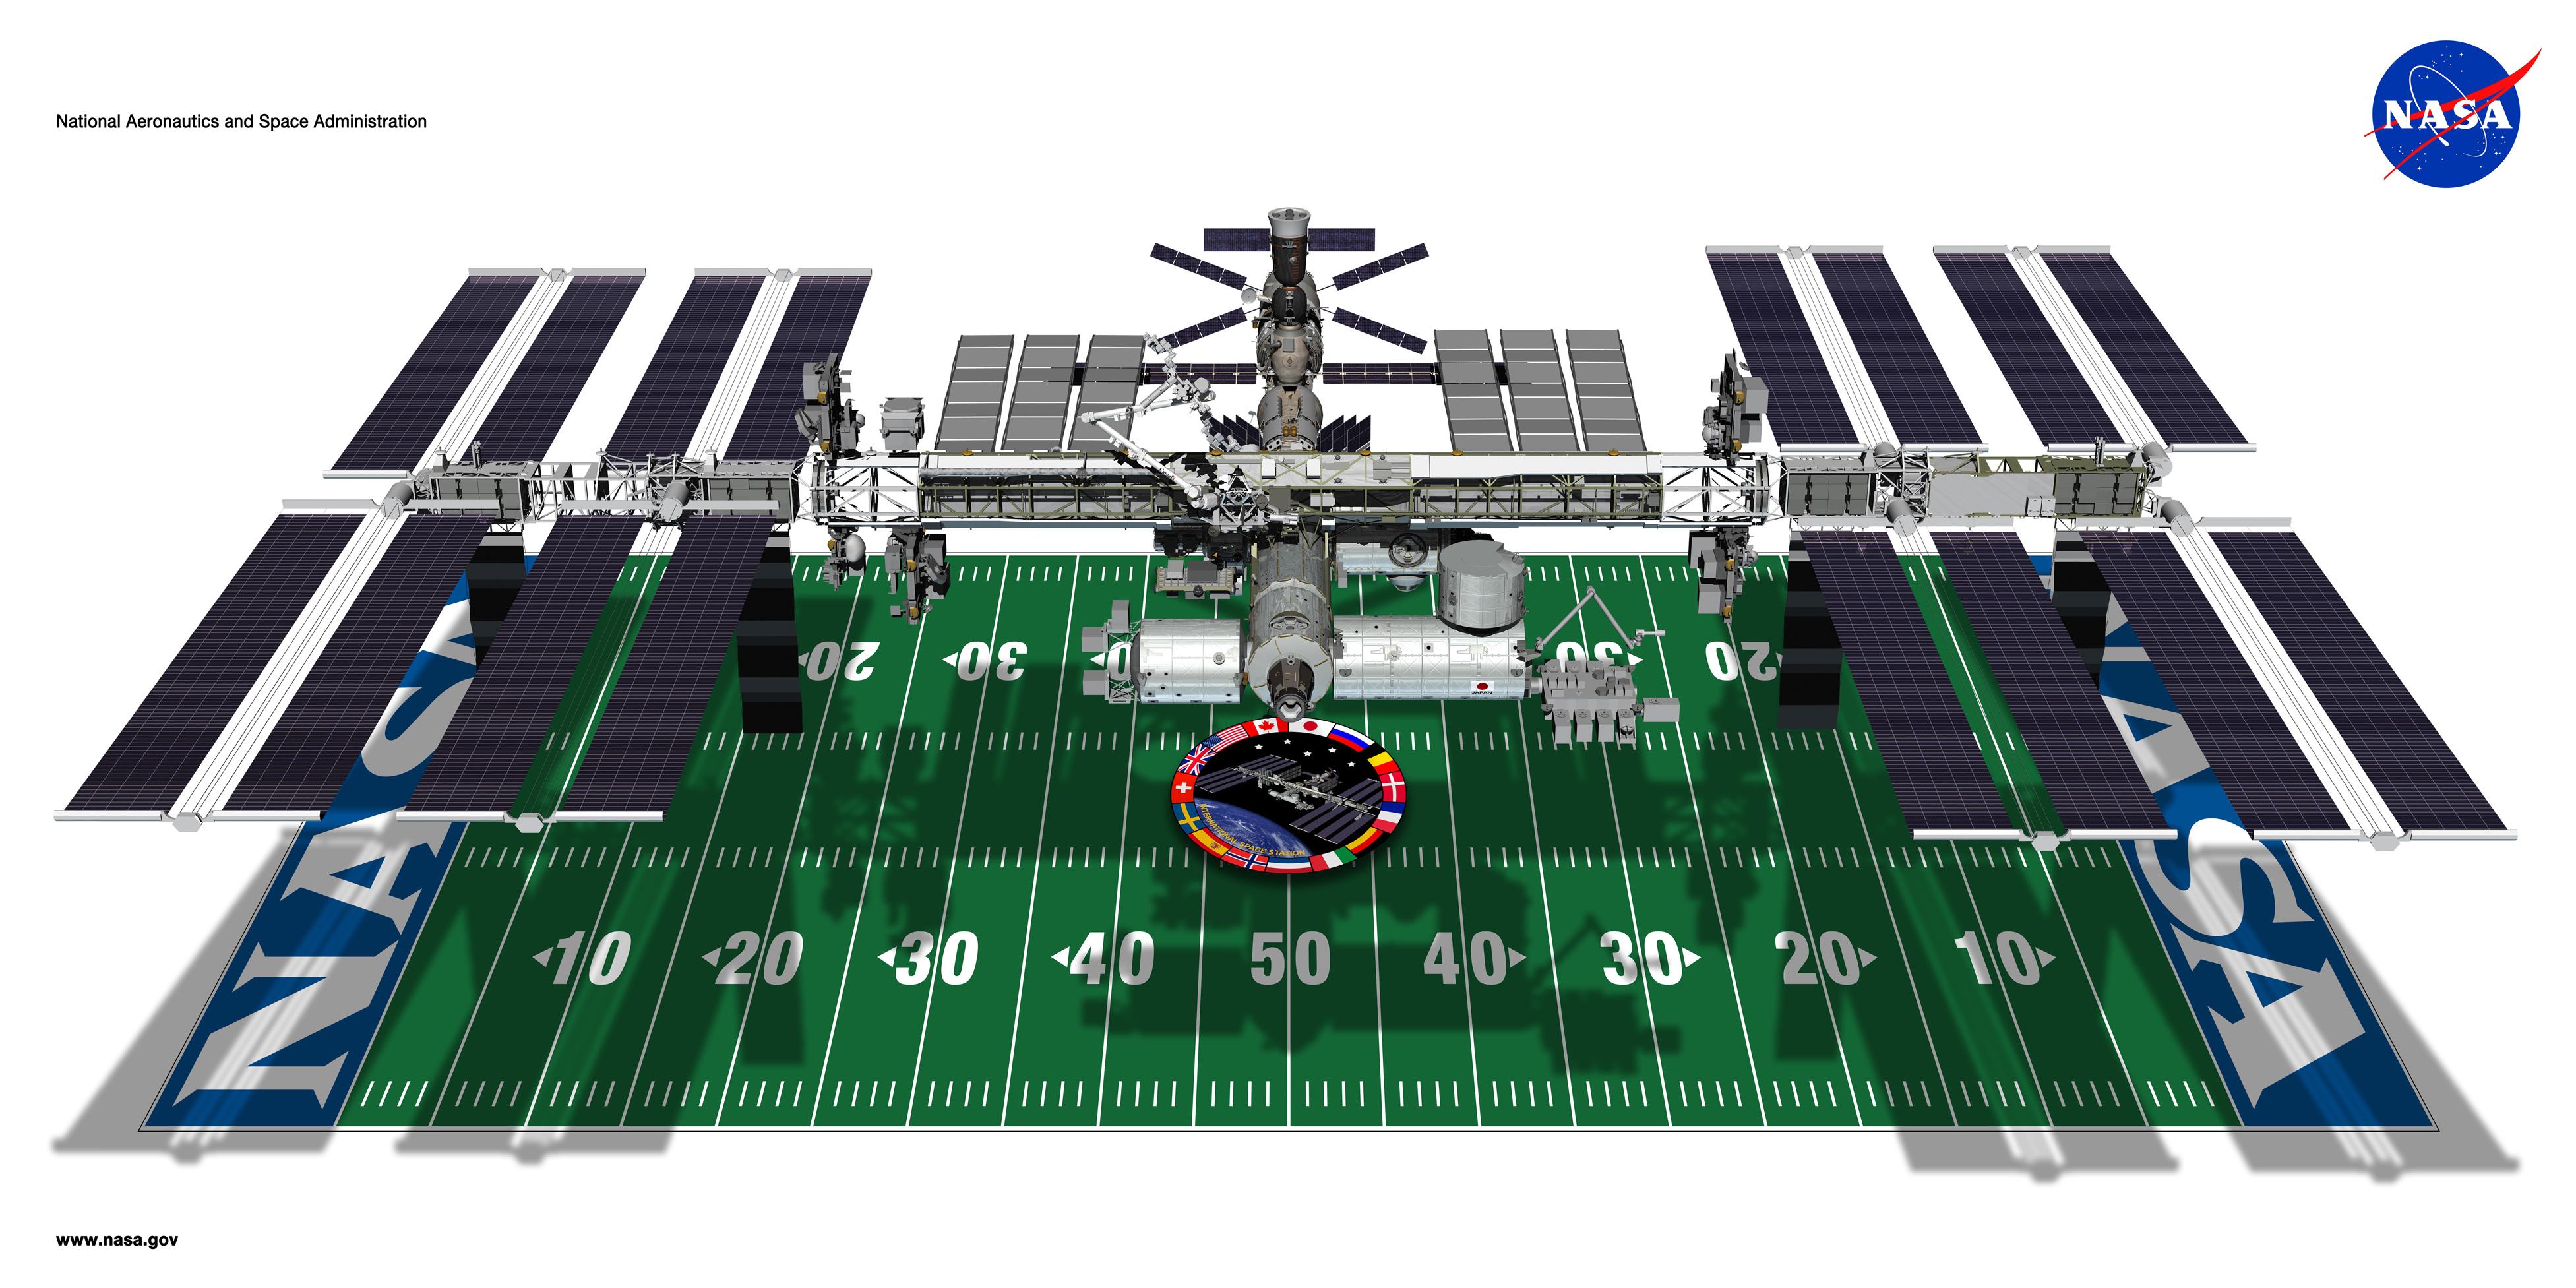 international space station v - photo #40